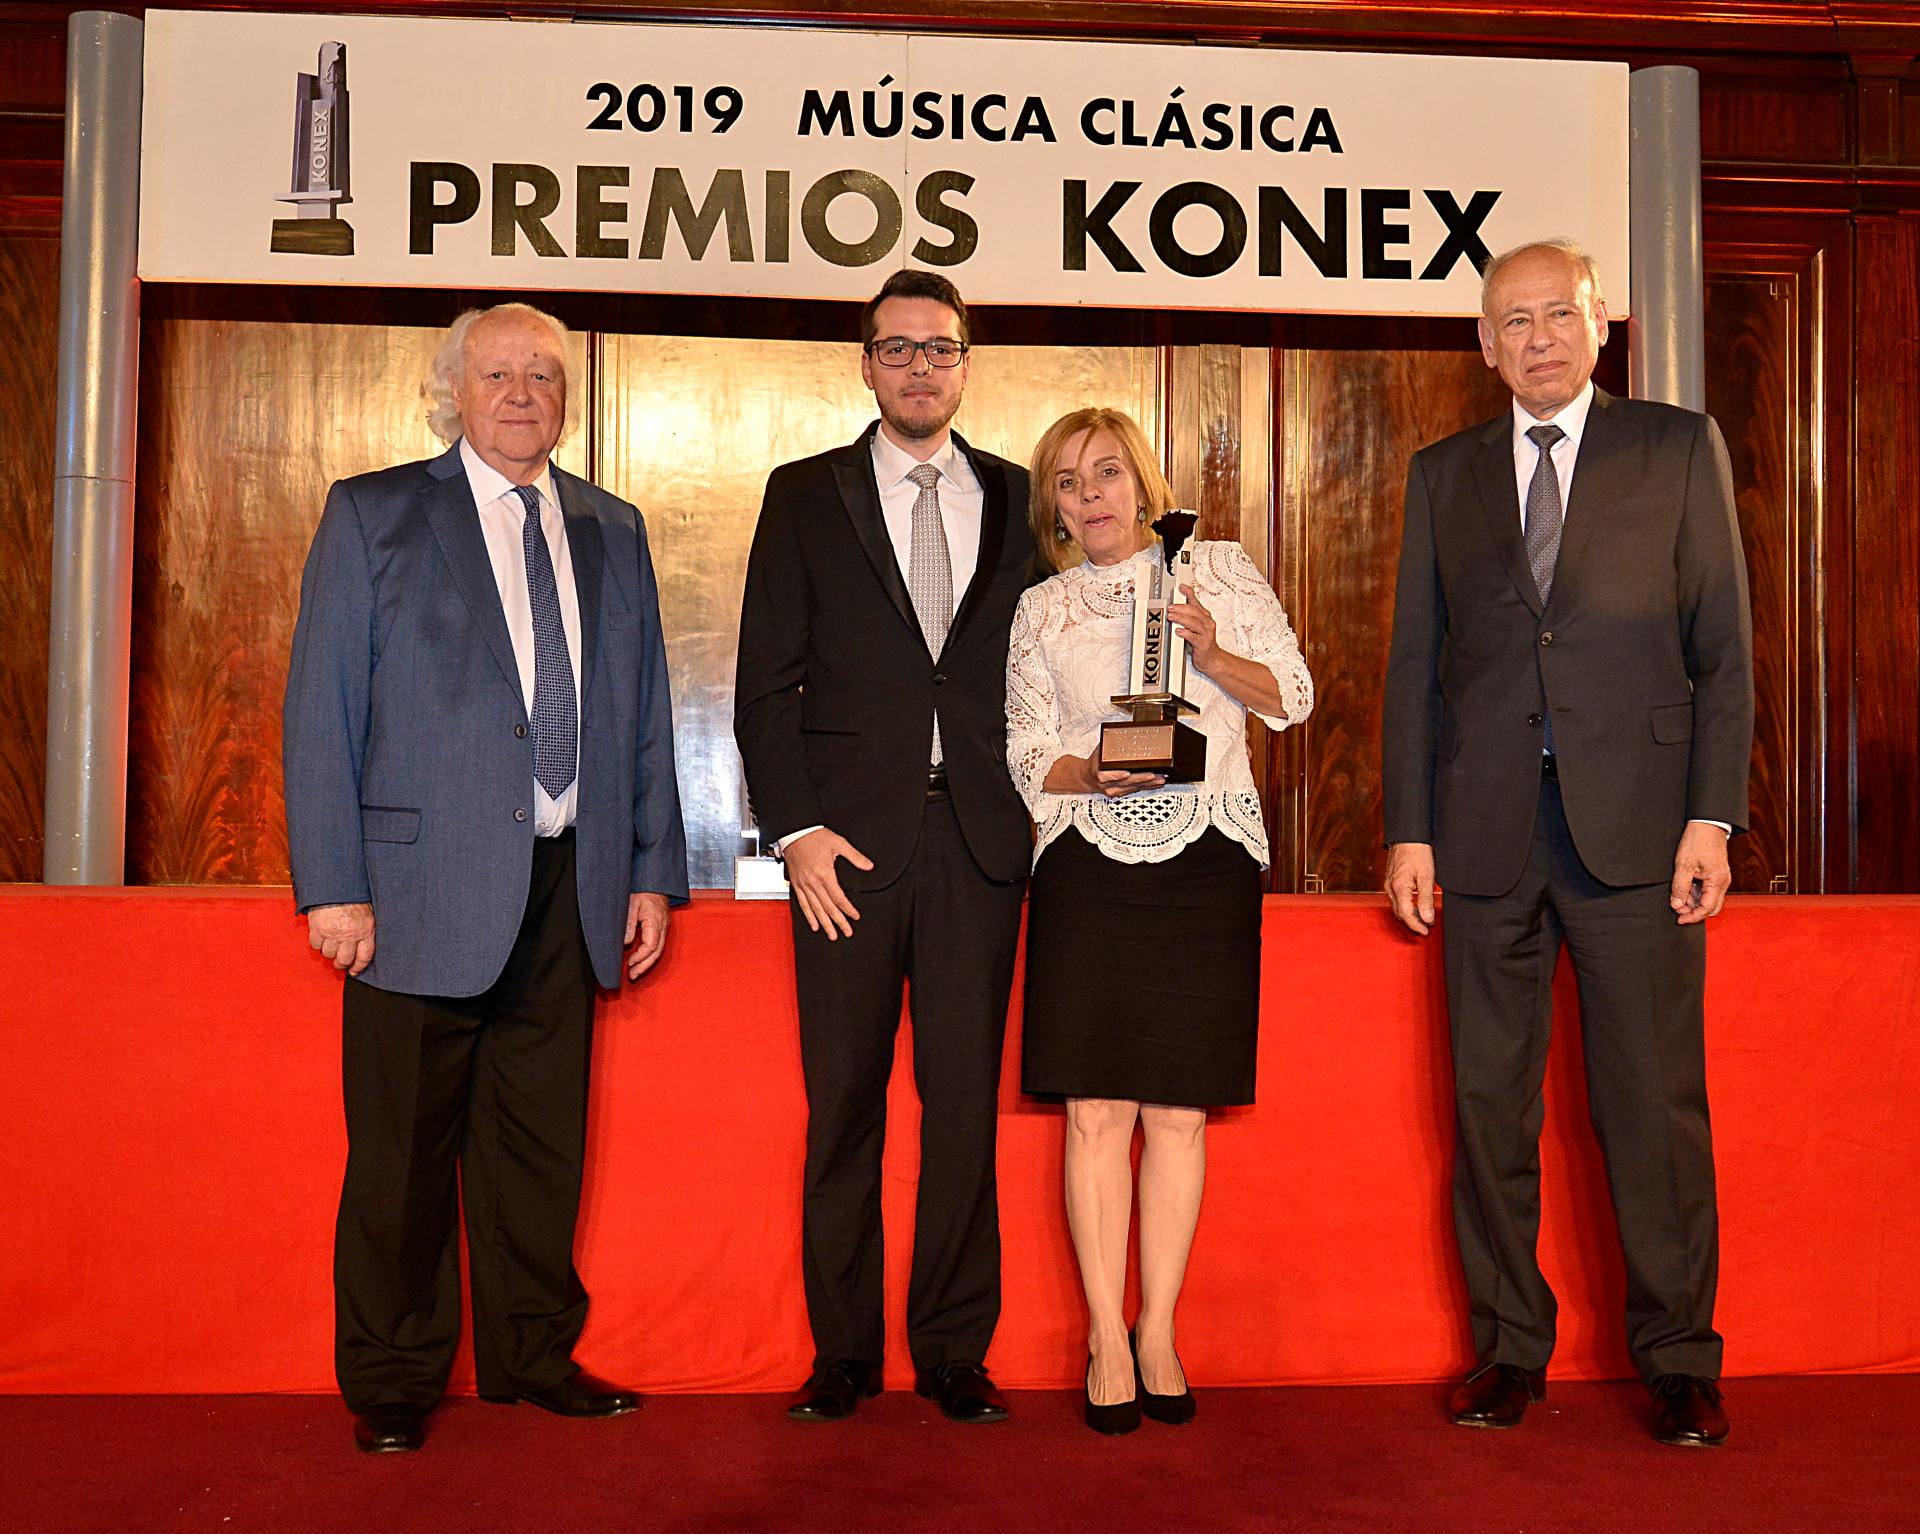 En la categoría Konex Mercosur fue distinguido, In Memoriam, José Antonio Abreu. Pasó al escenario Ana Abreu junto a su hijo